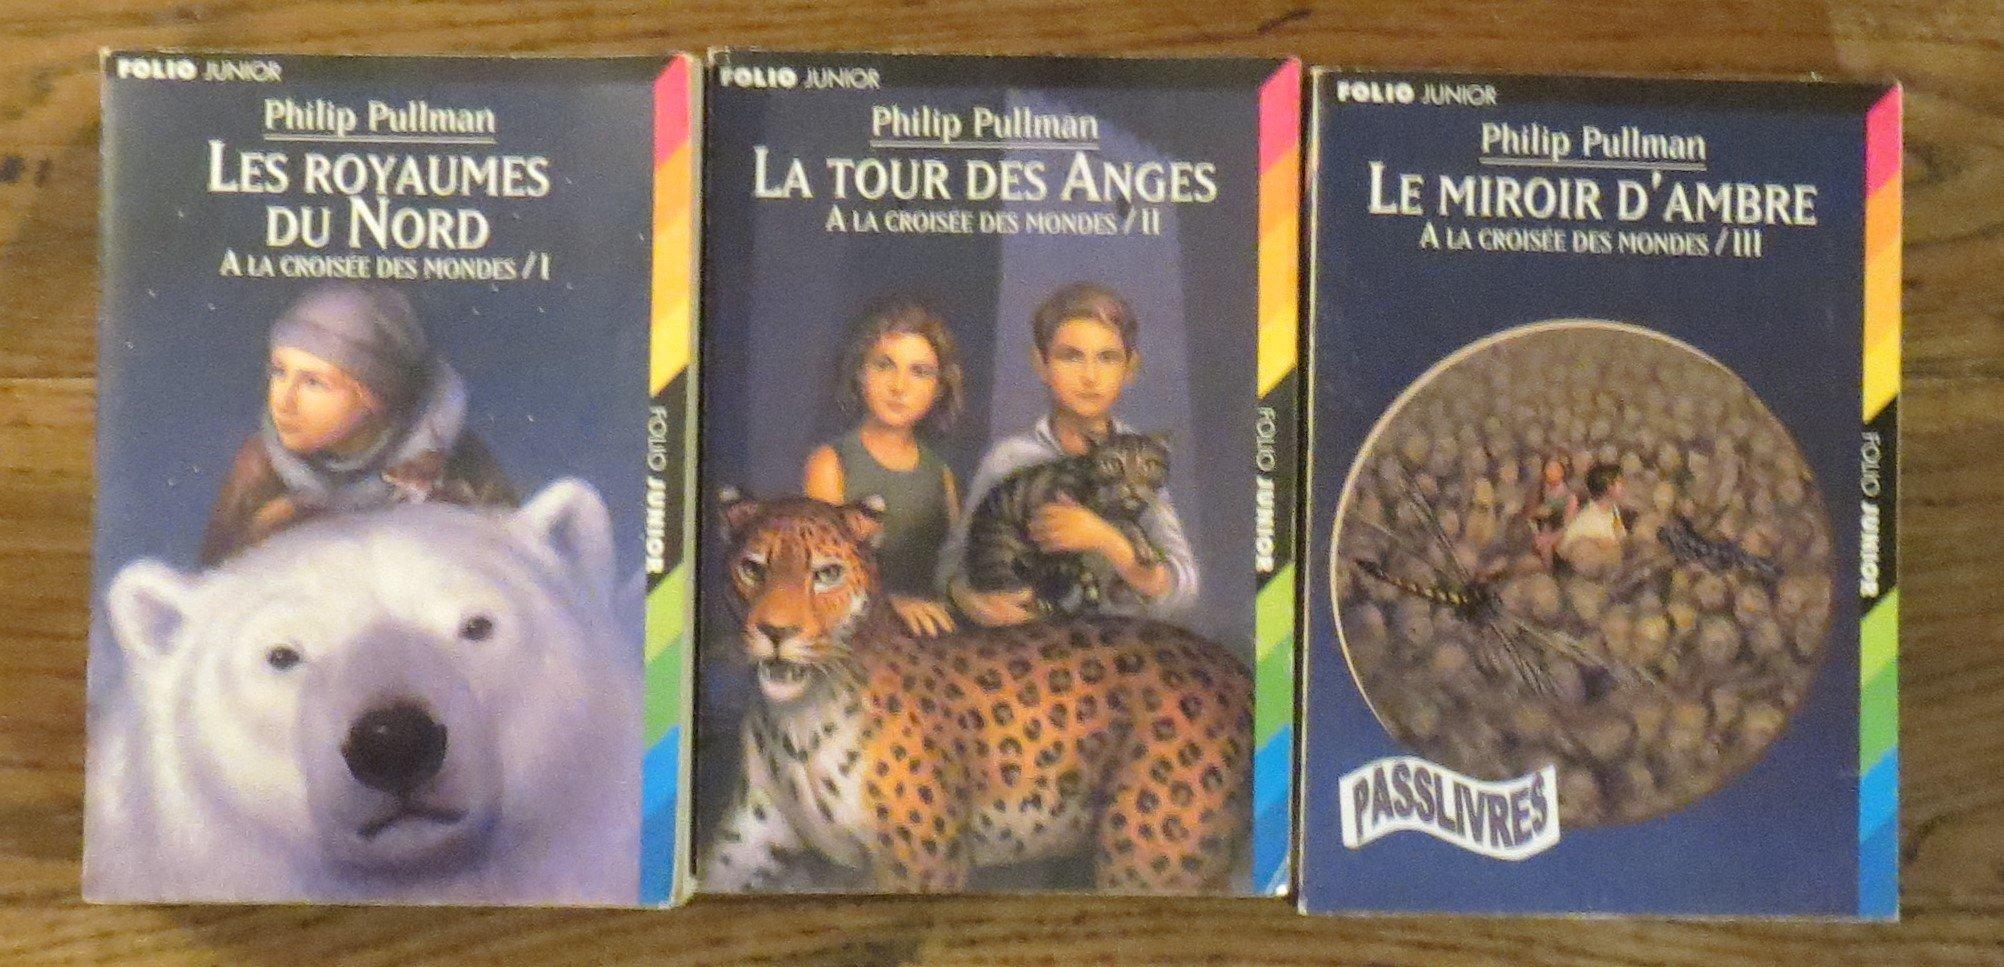 Book'In n°1: A la croisée des mondes 81jp4q5kGiL